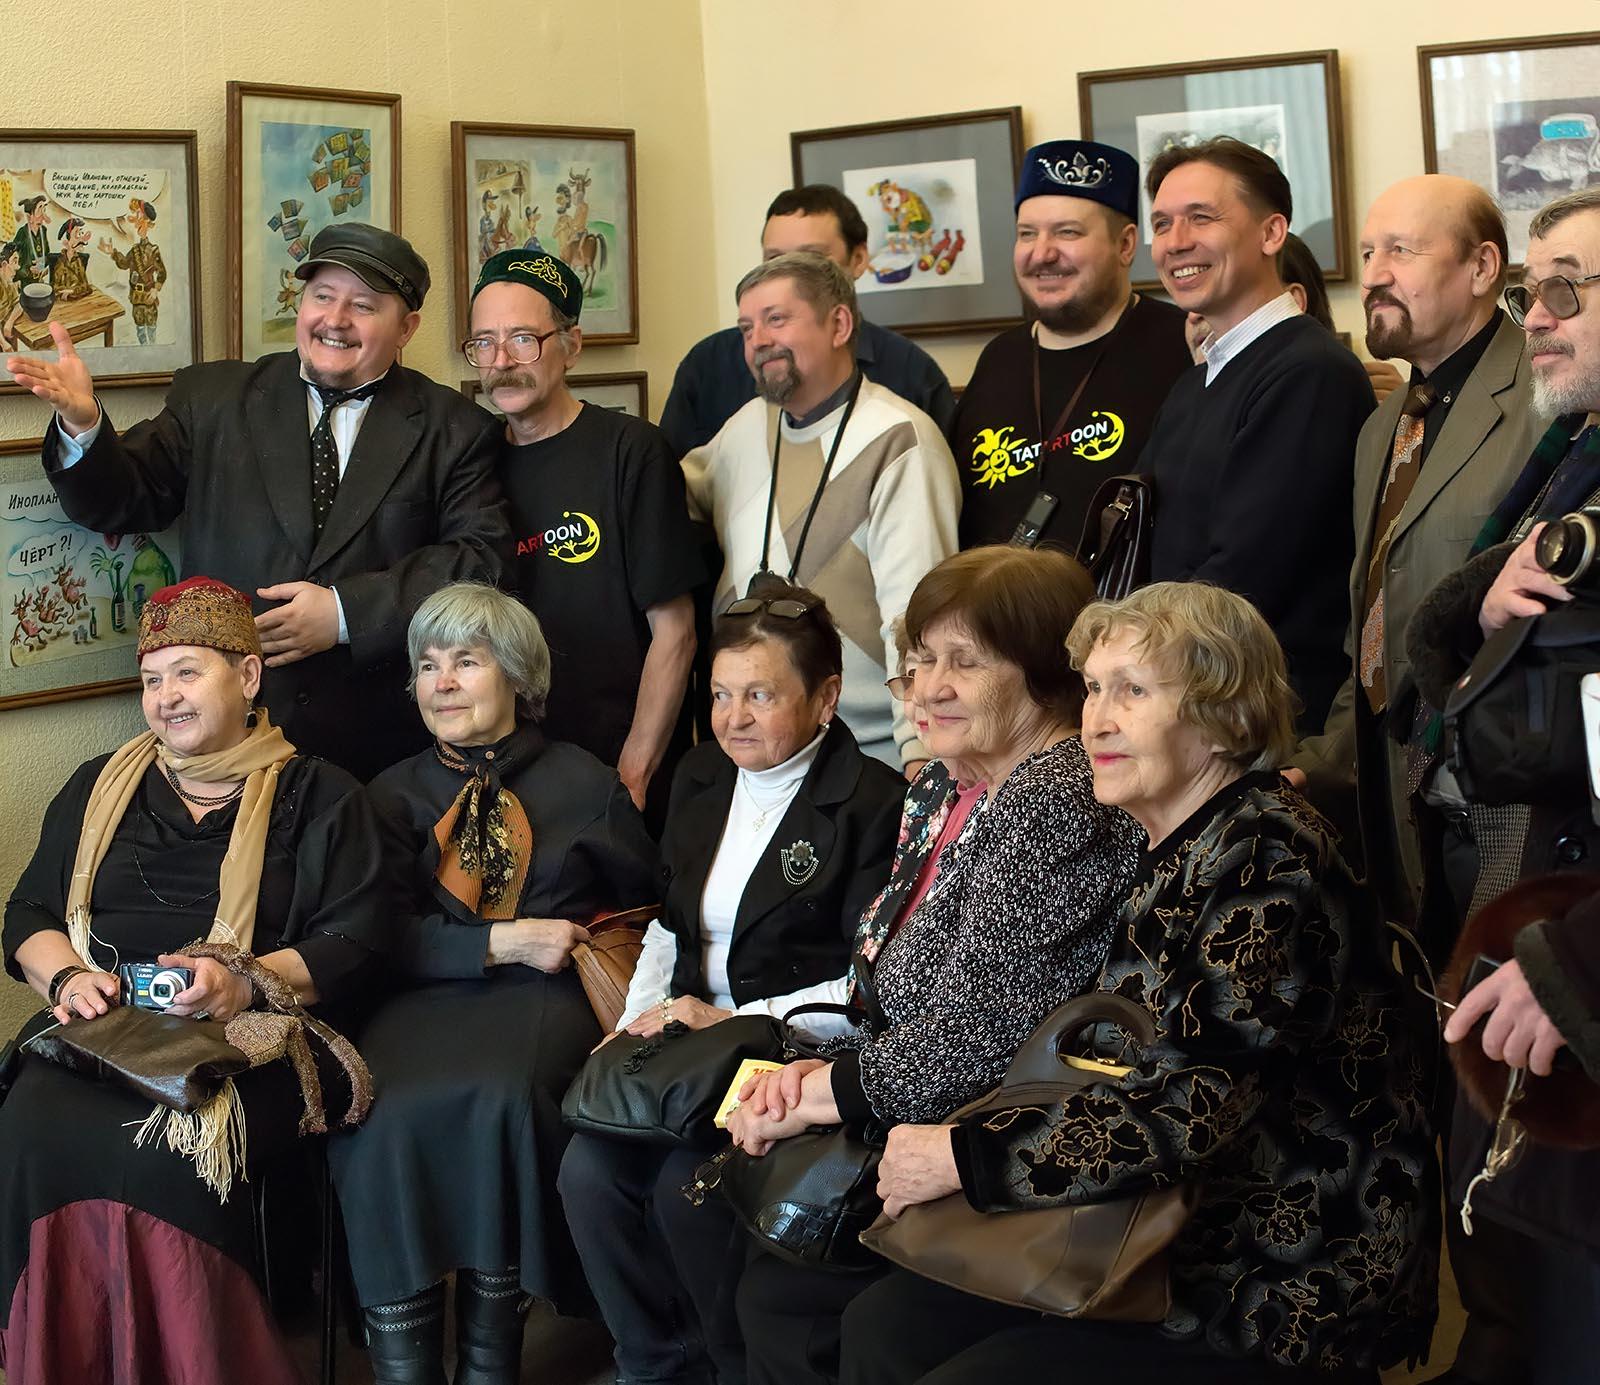 Фото №147323. На открытии выставки карикатуристов, 1.04.2013, галерея Музея Мазитова